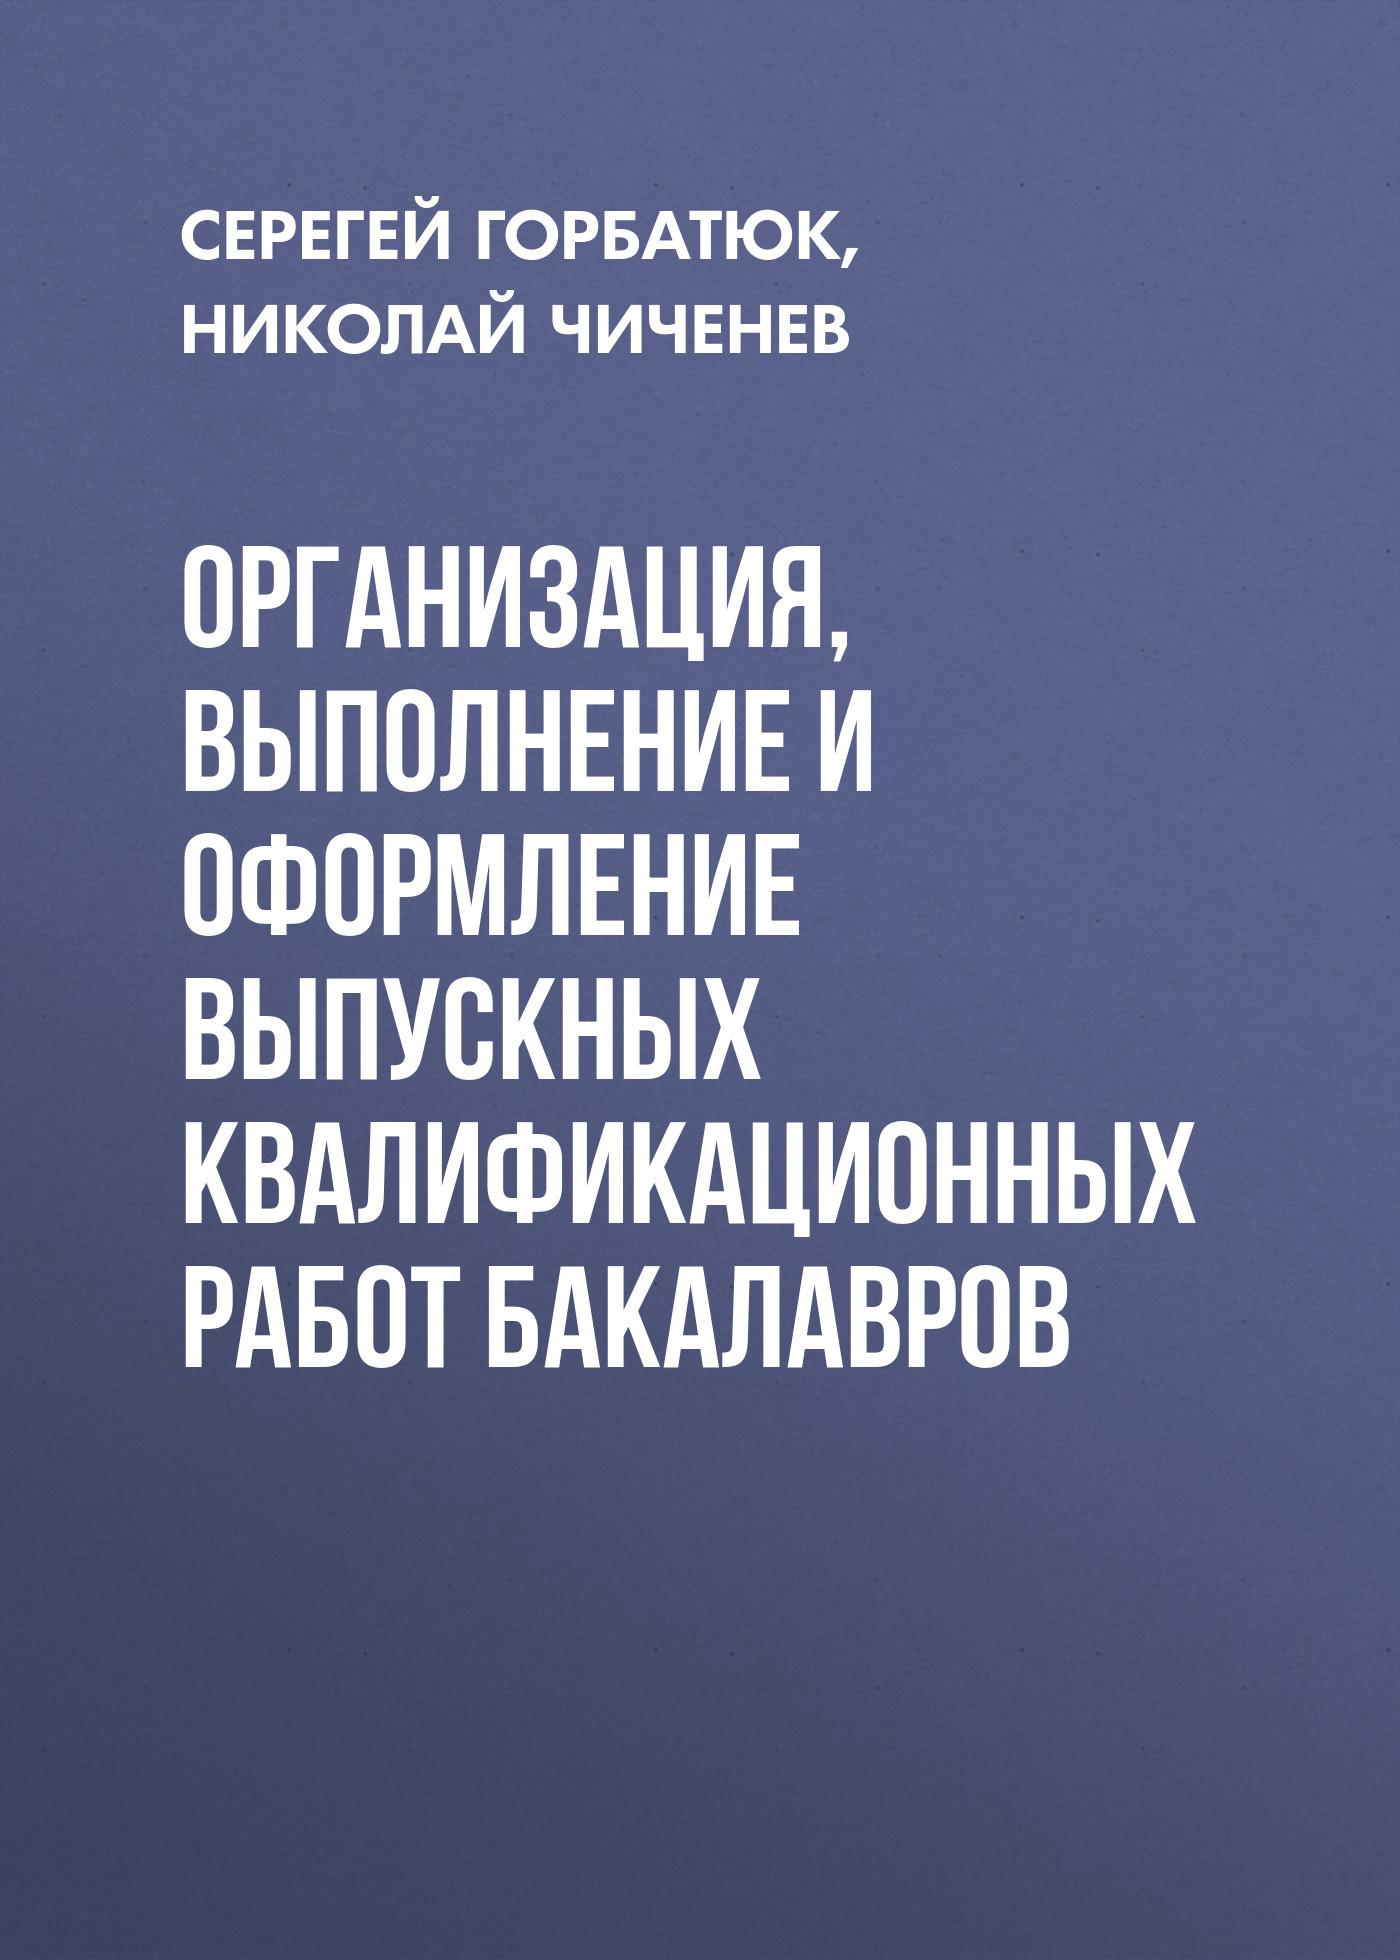 Николай Чиченев Организация, выполнение и оформление выпускных квалификационных работ бакалавров